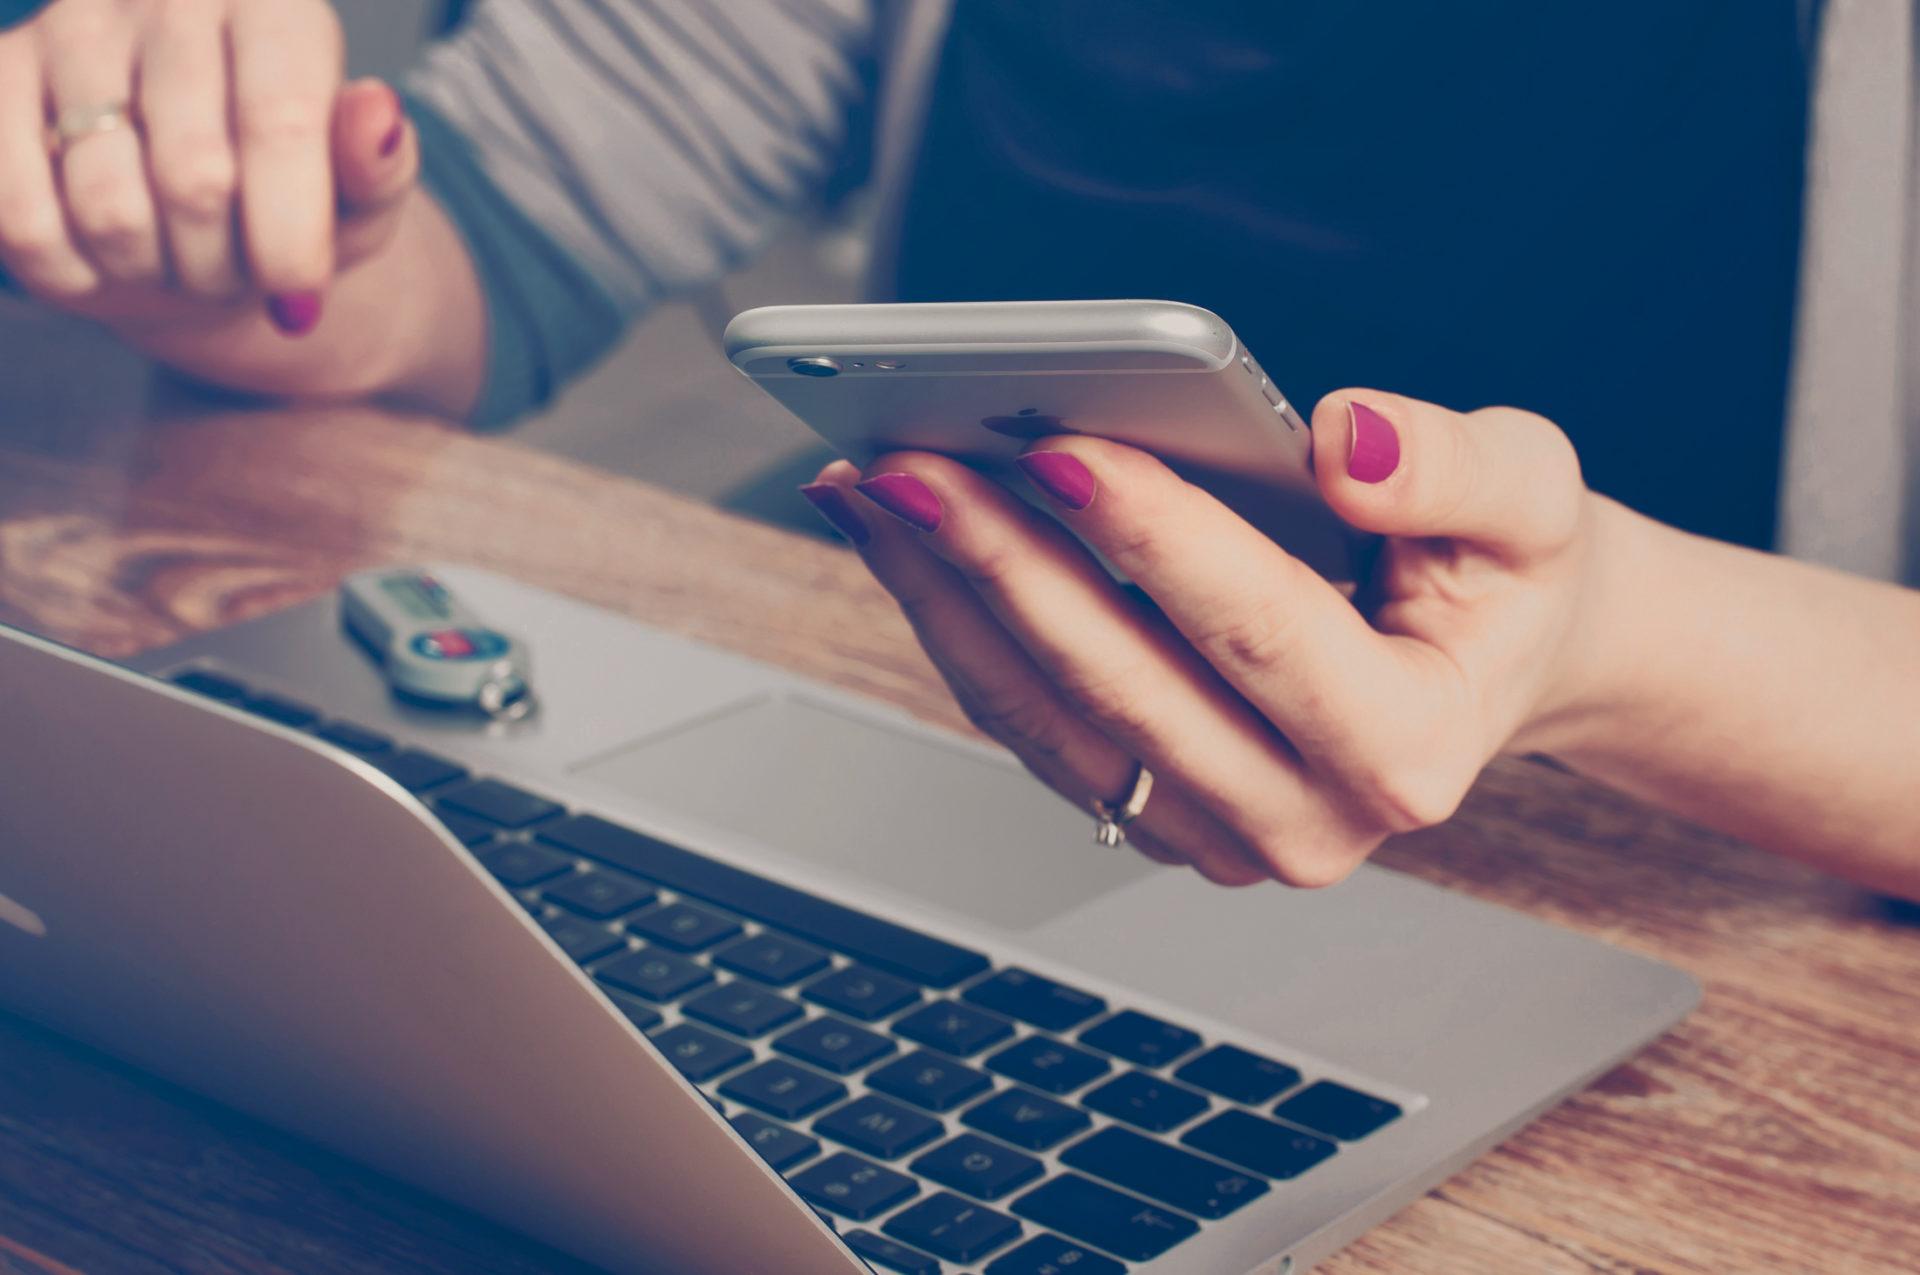 ILos clientes de BBVA Uruguay podrán realizar sus transacciones financieras durante las 24 horas en esta temporada de Navidad y Fin de Año, a través de sus dispositivos móviles.